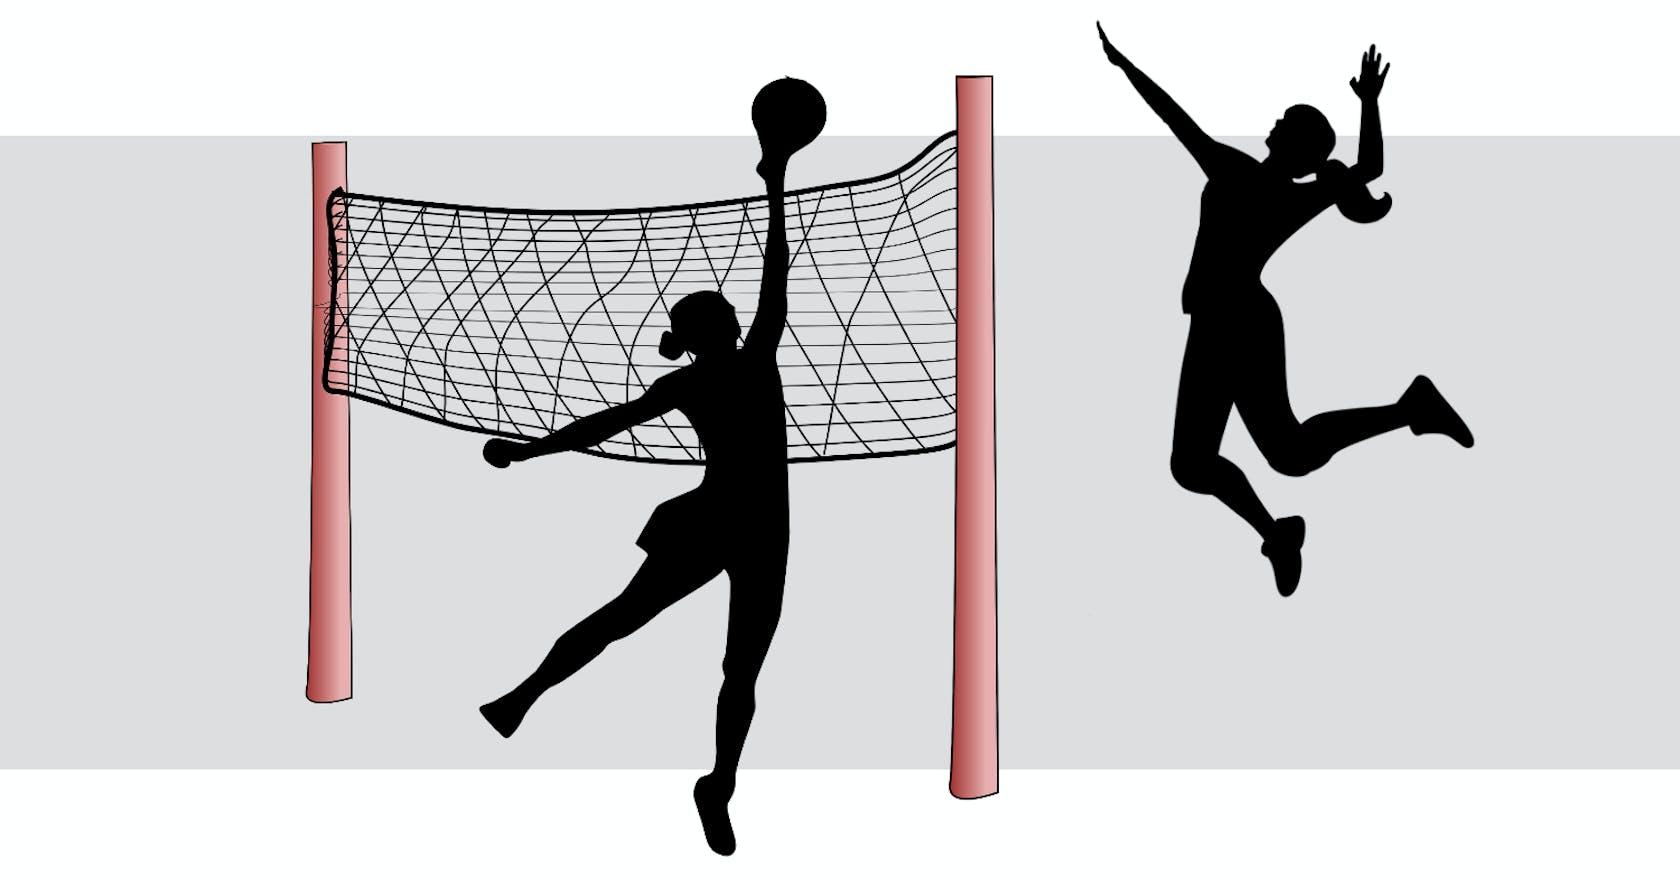 Asics Onlineshop Sportschuhe Volleyball